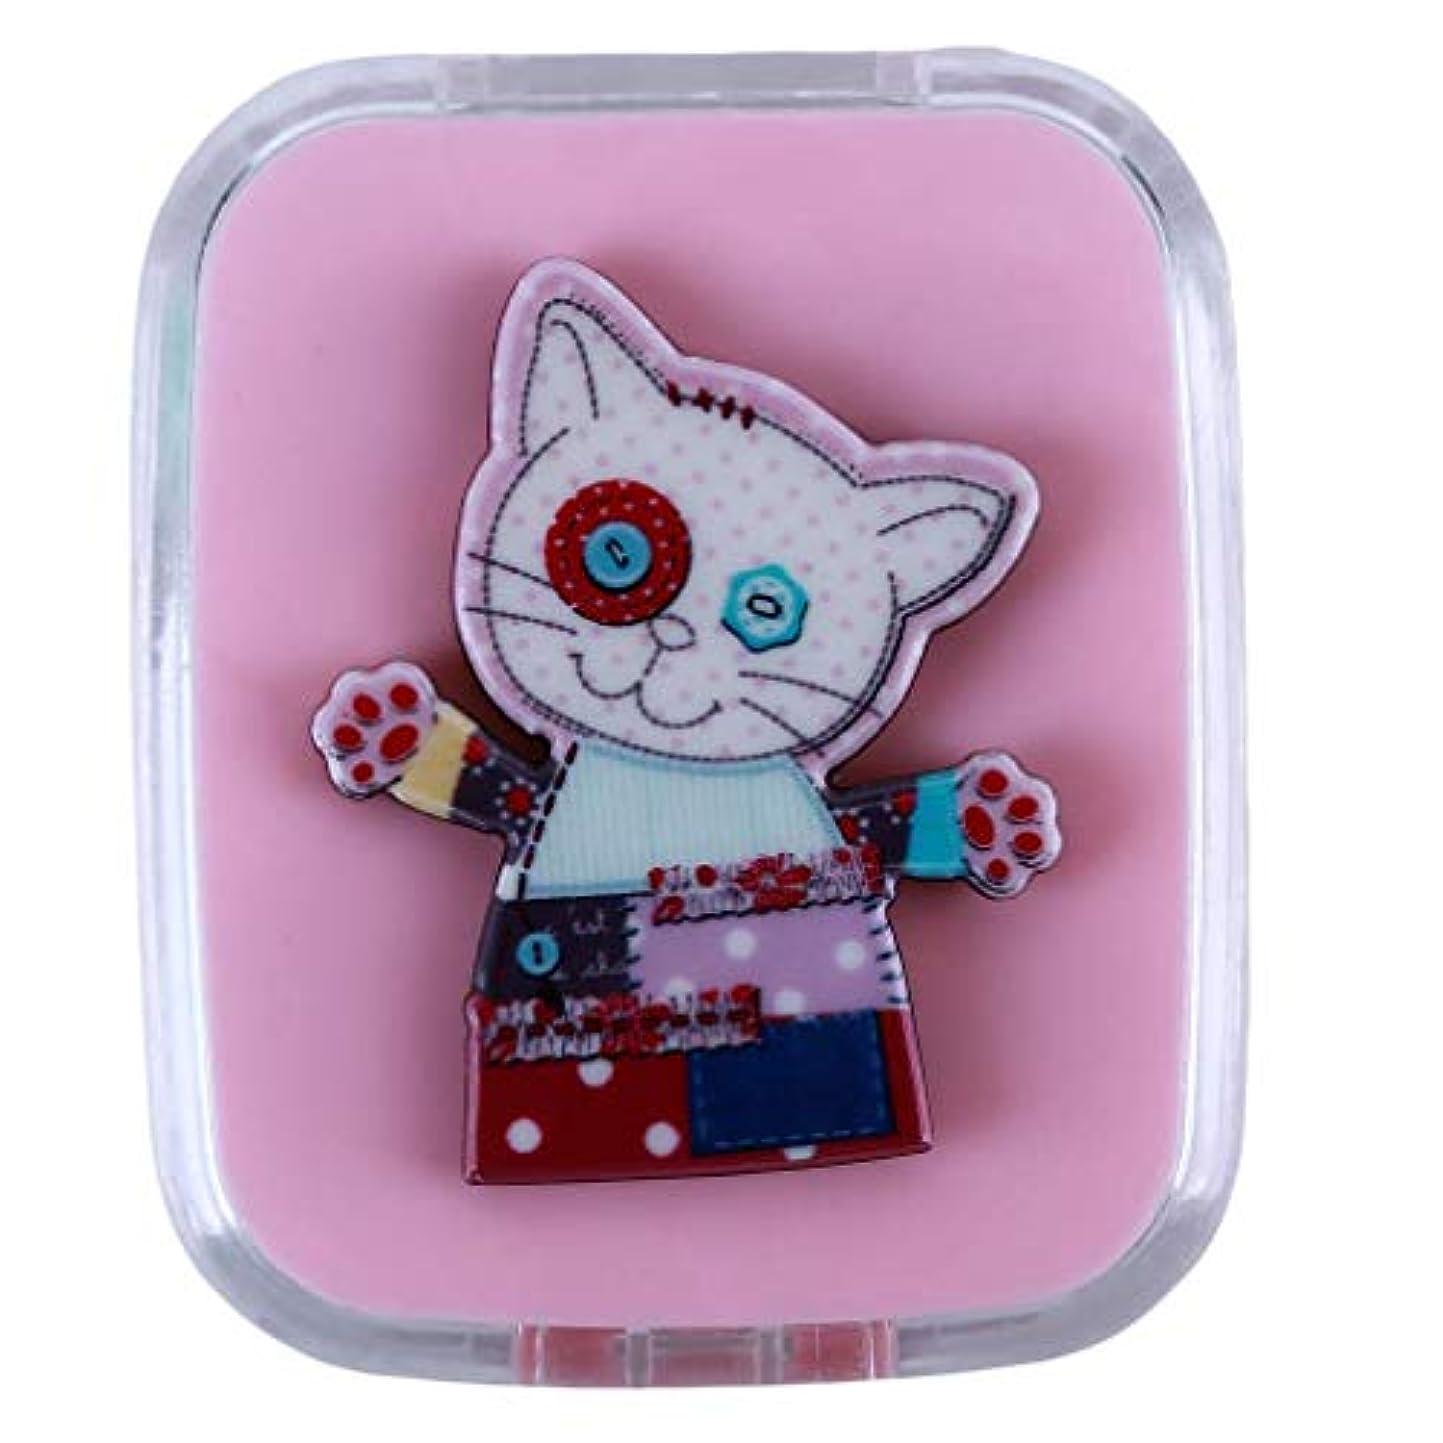 のみ嘆く決定的1st market プレミアム コンタクトレンズケース コンタクトレンズボックス レンズケースセット コンタクト ケアパレット スティック ミラーケース 持ち運びに便利 携帯 動物 猫 可愛い 便利